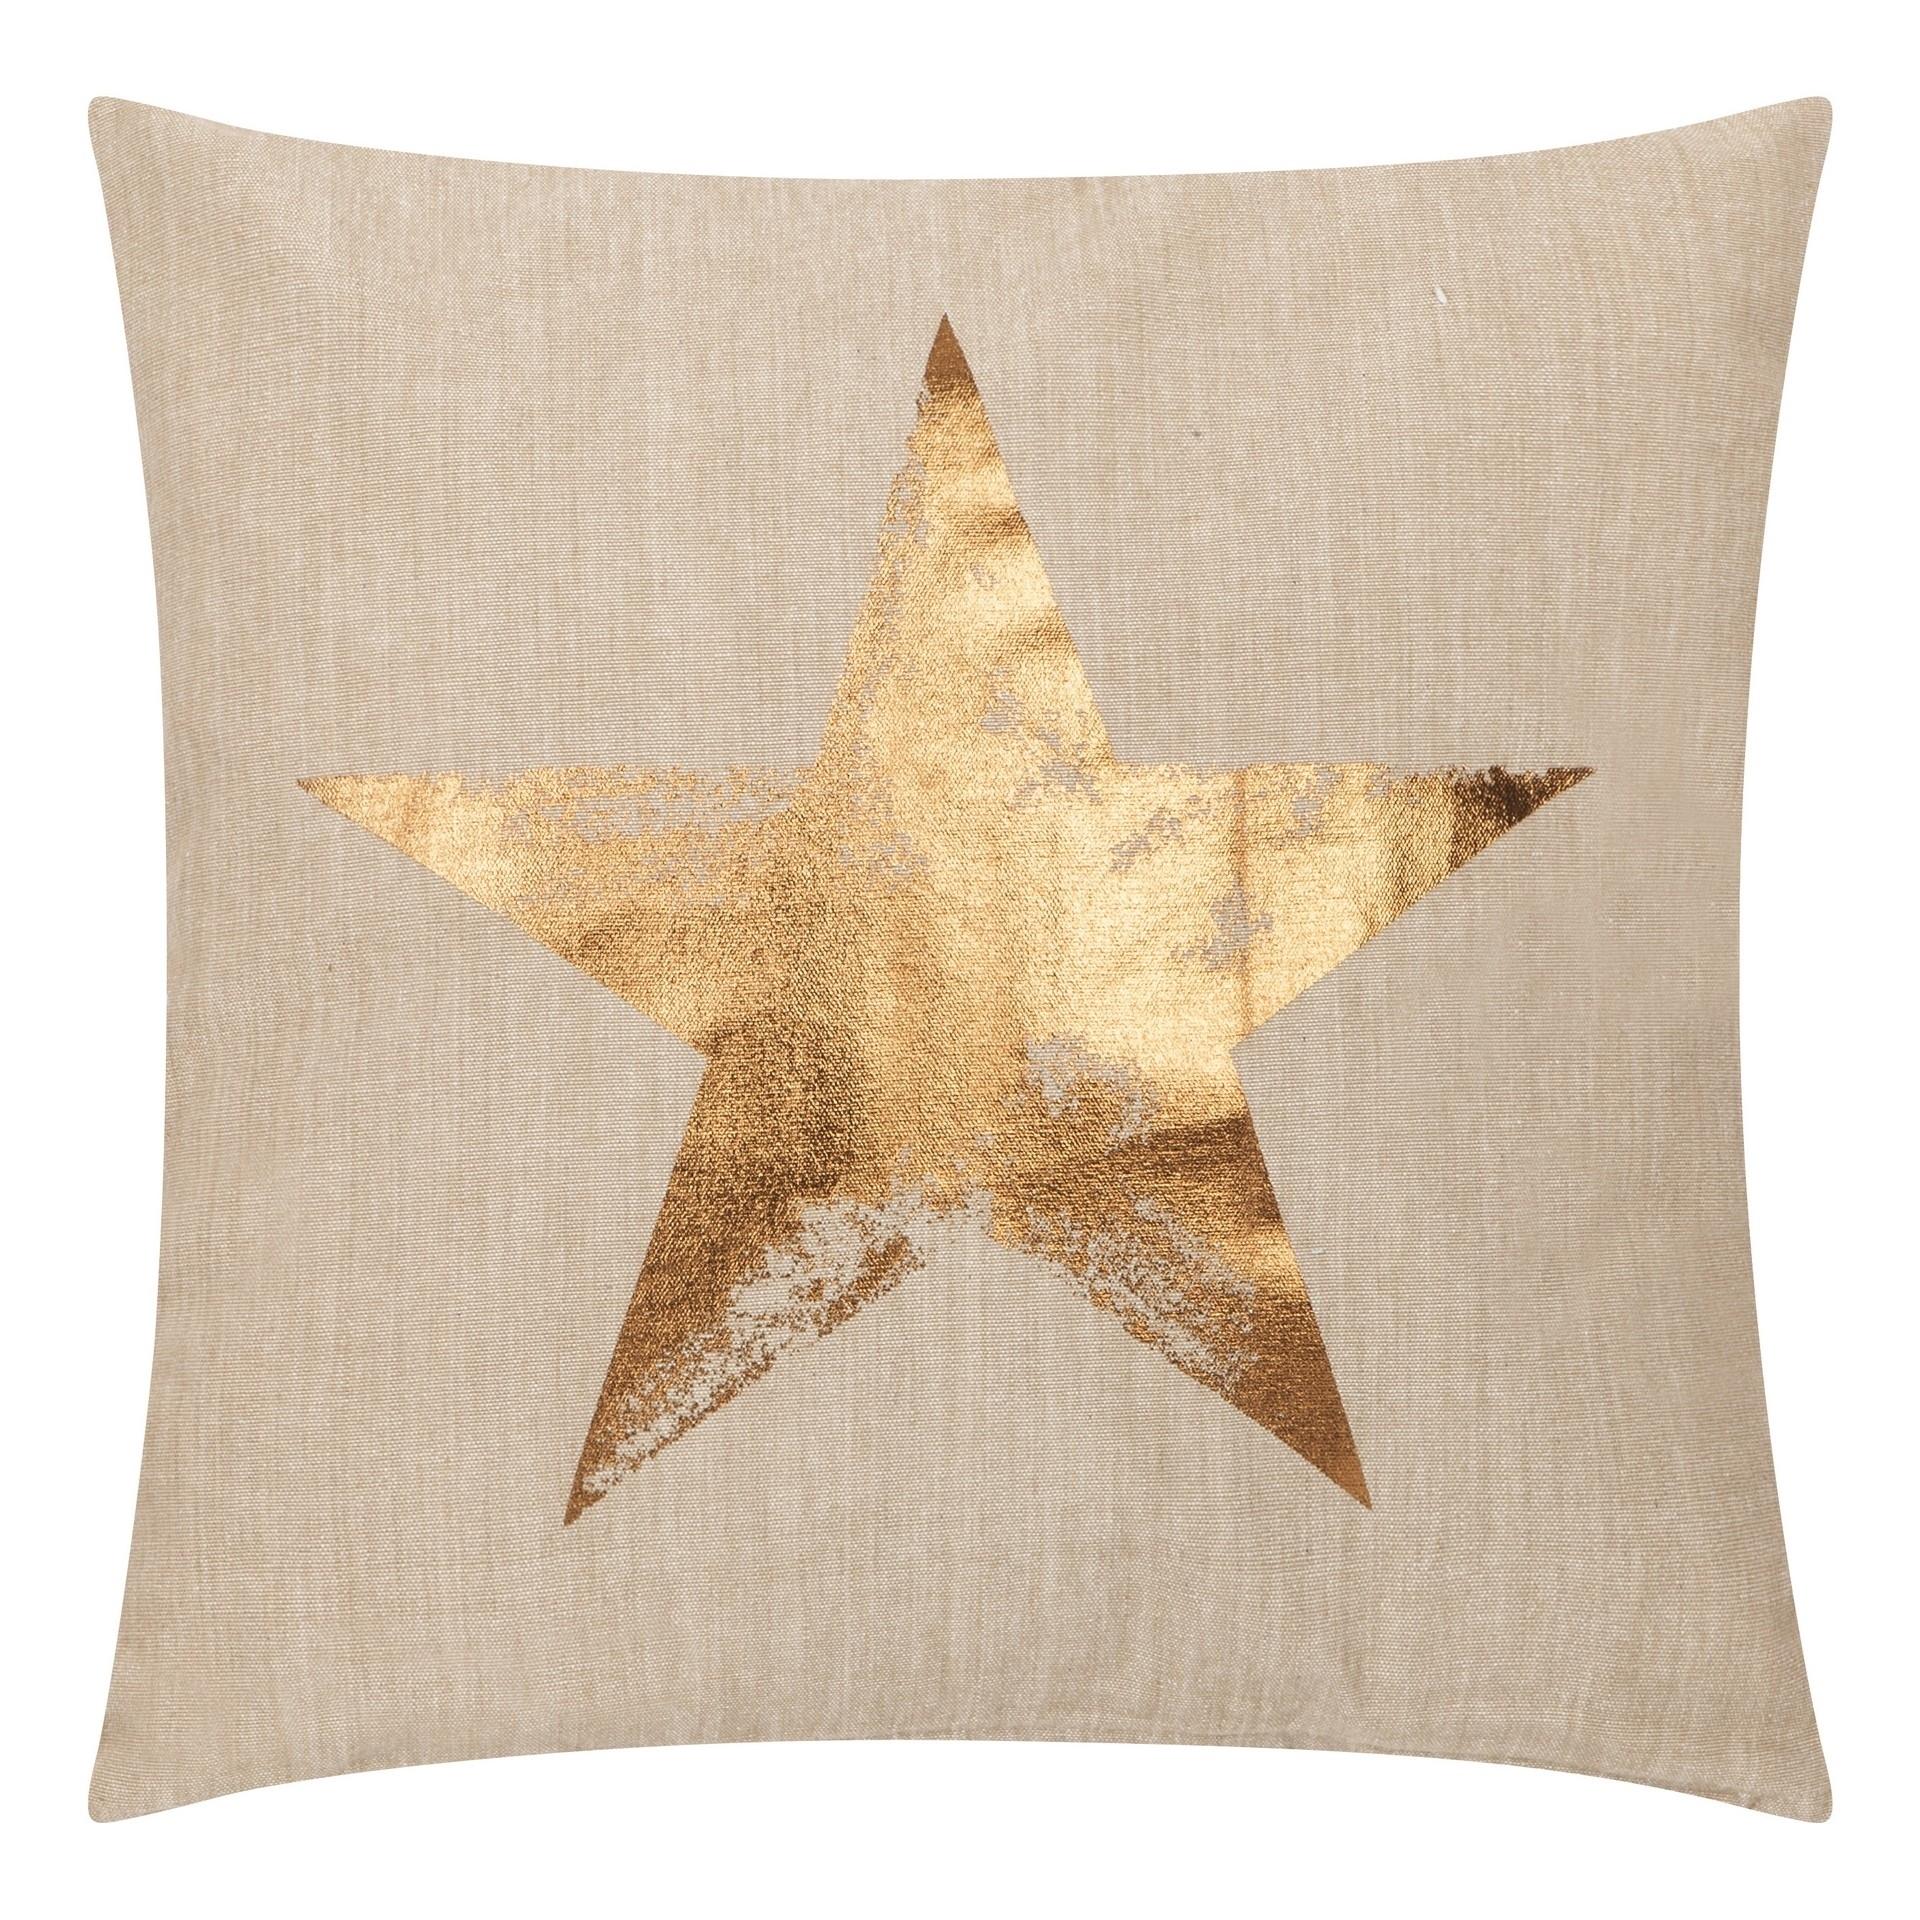 Poduszka z poszewką Star złota lniana 45x45 cm